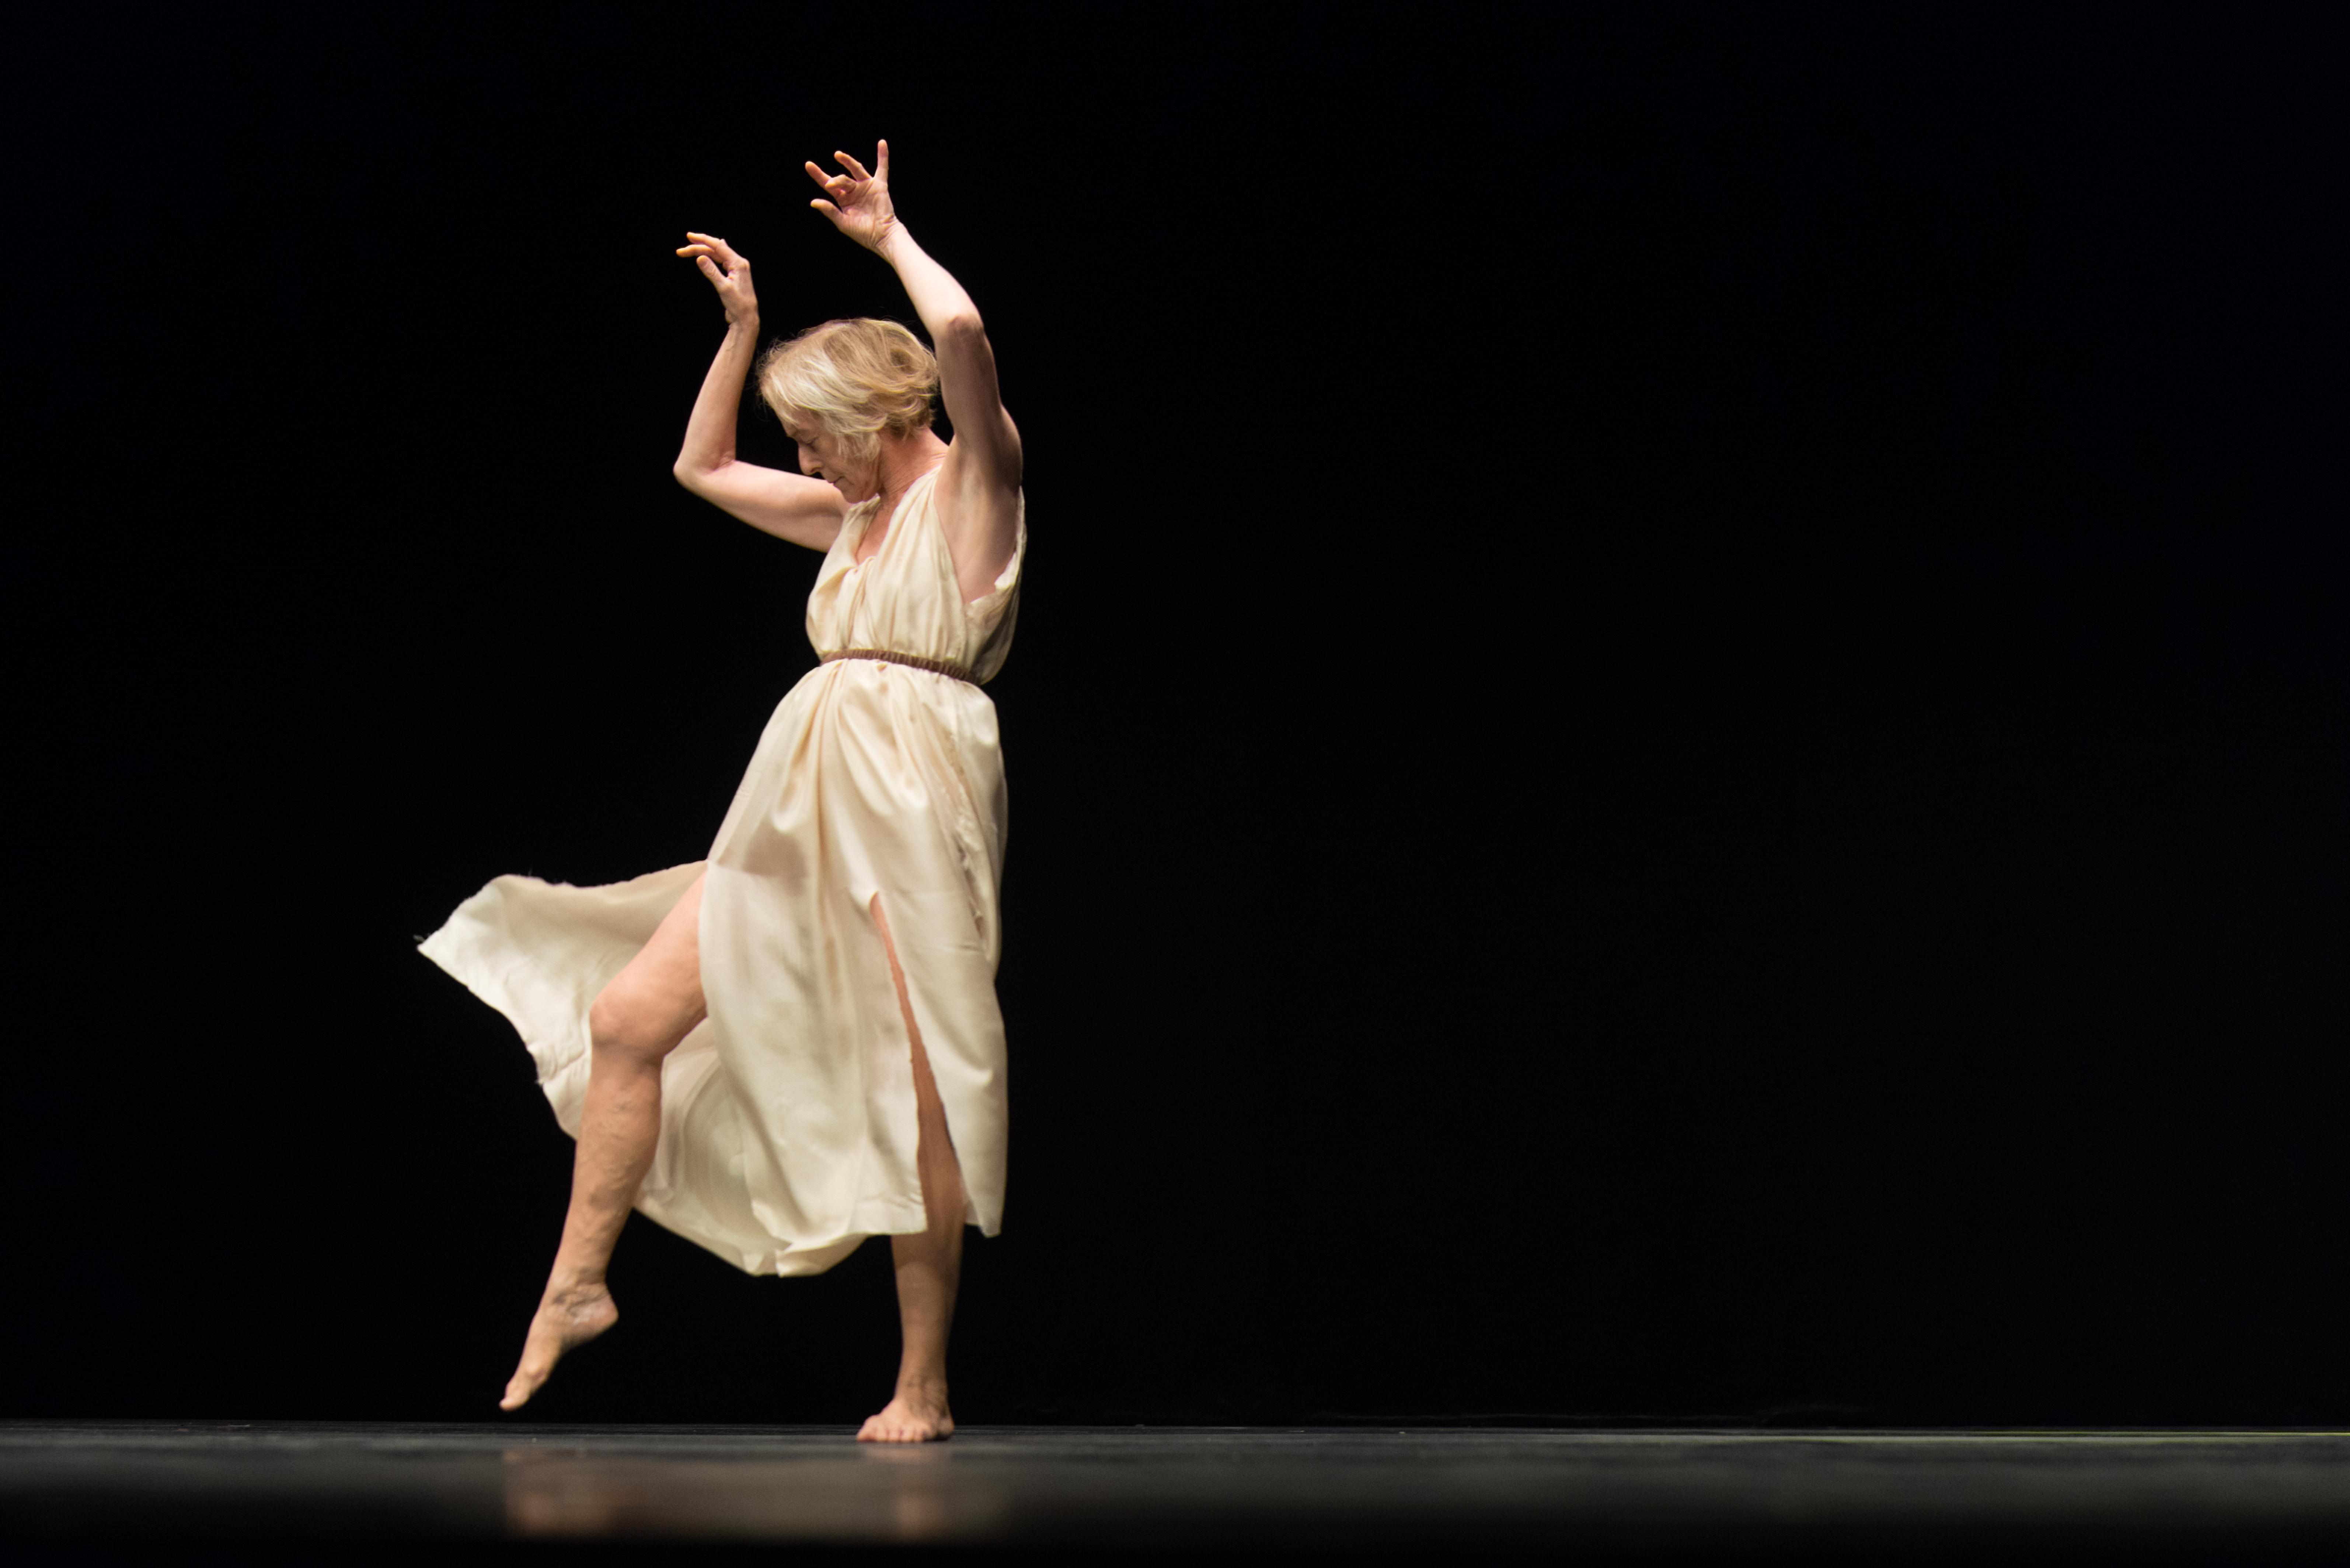 Die 70-jährige Tänzerin Elizabeth Schwartz als Isadora Duncan in graziler Pose in einem weißen klassizistischen Kleid